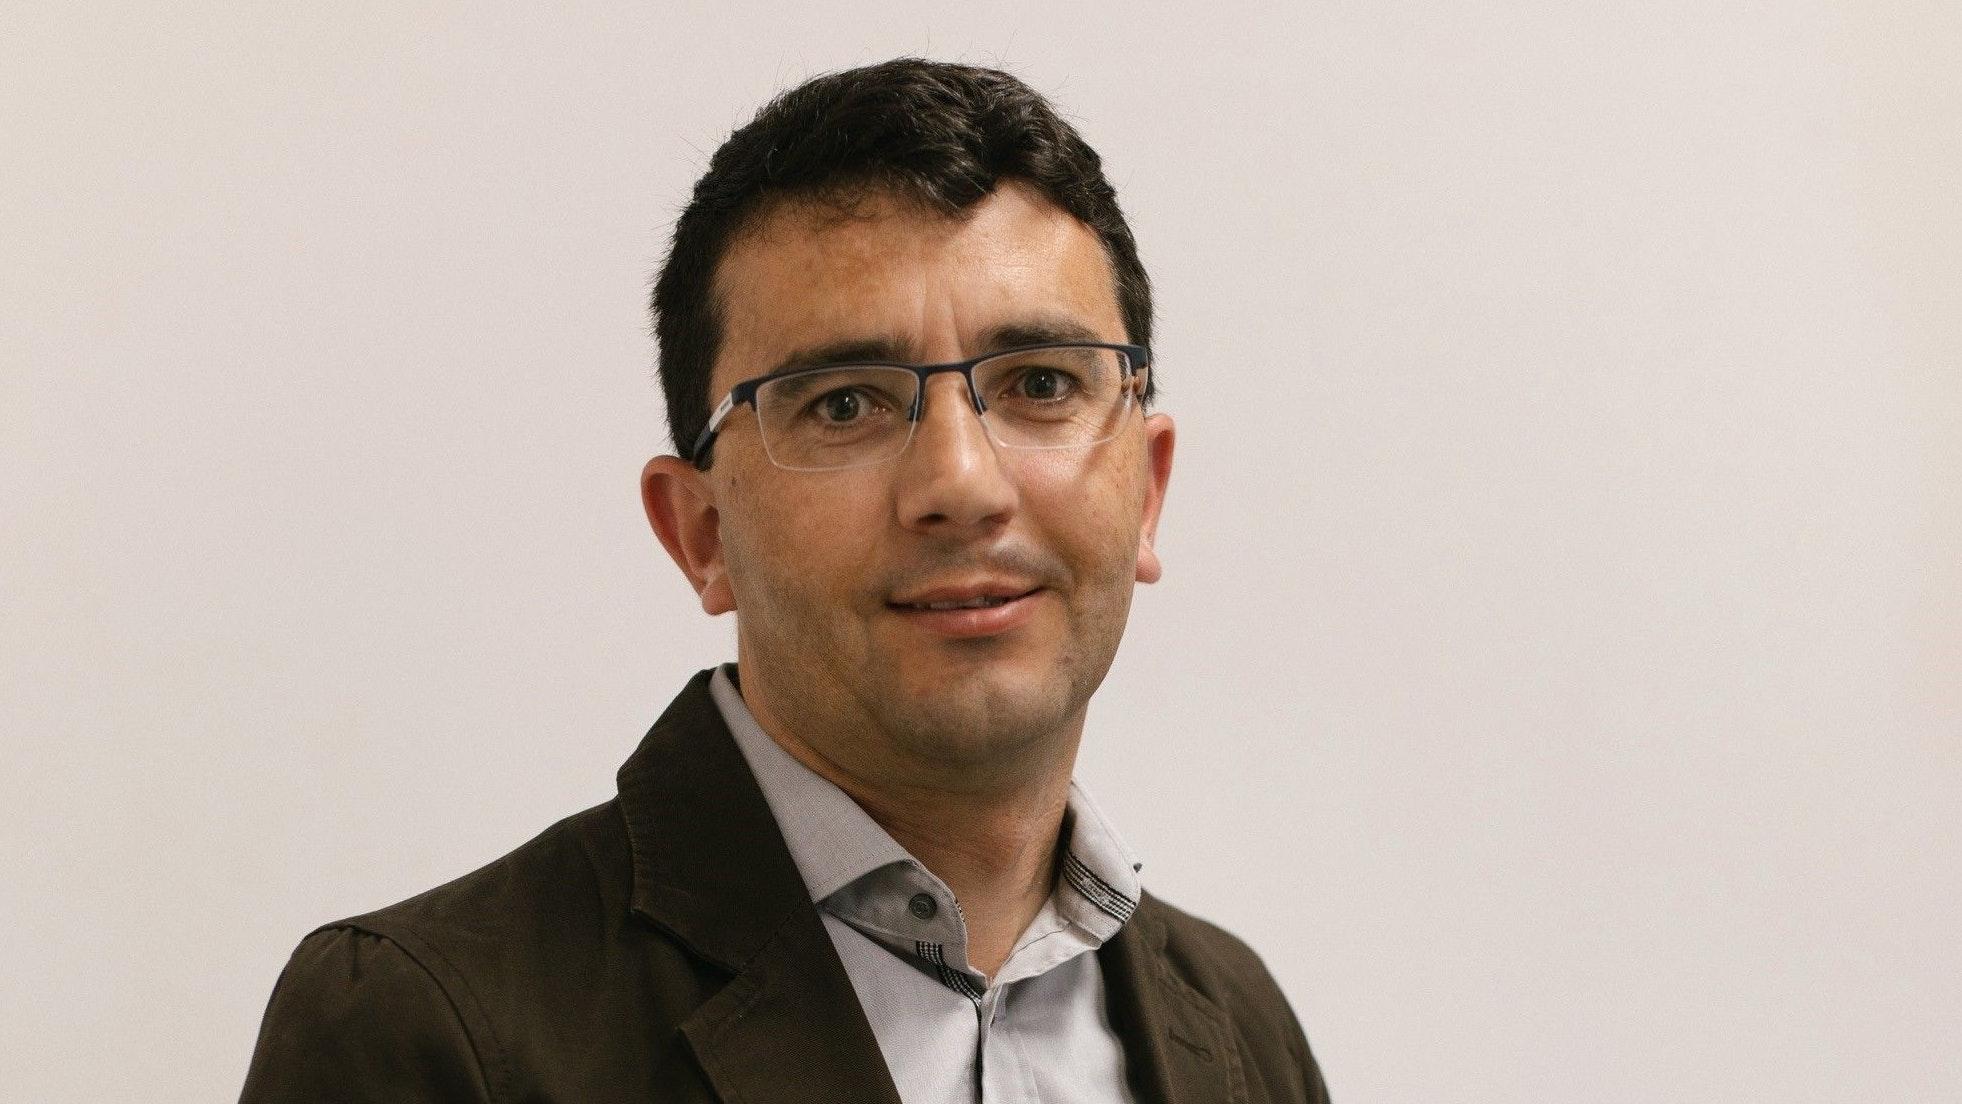 Viktor Maurer ist seit einem halben Jahr Mitglied der Zentrumspartei und zieht nun über ein Direktmandat in den Cloppenburger Stadtrat. Foto: privat